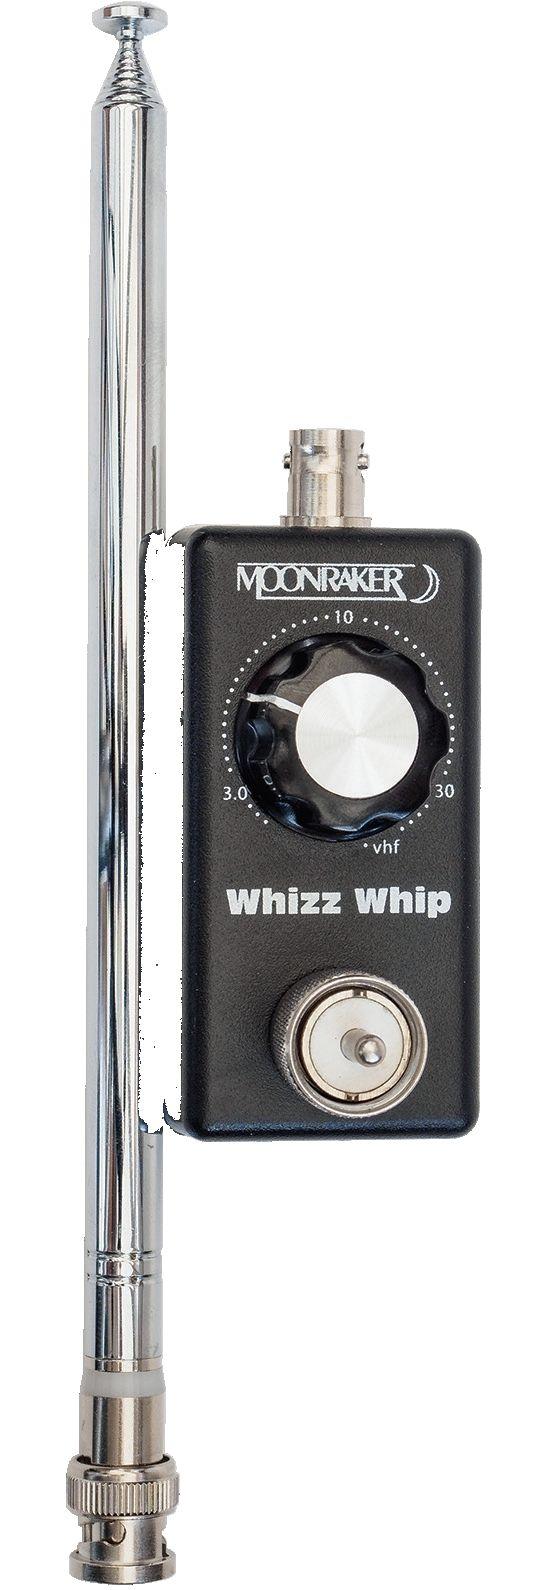 Eine FM Antenne erstellen wikiHow